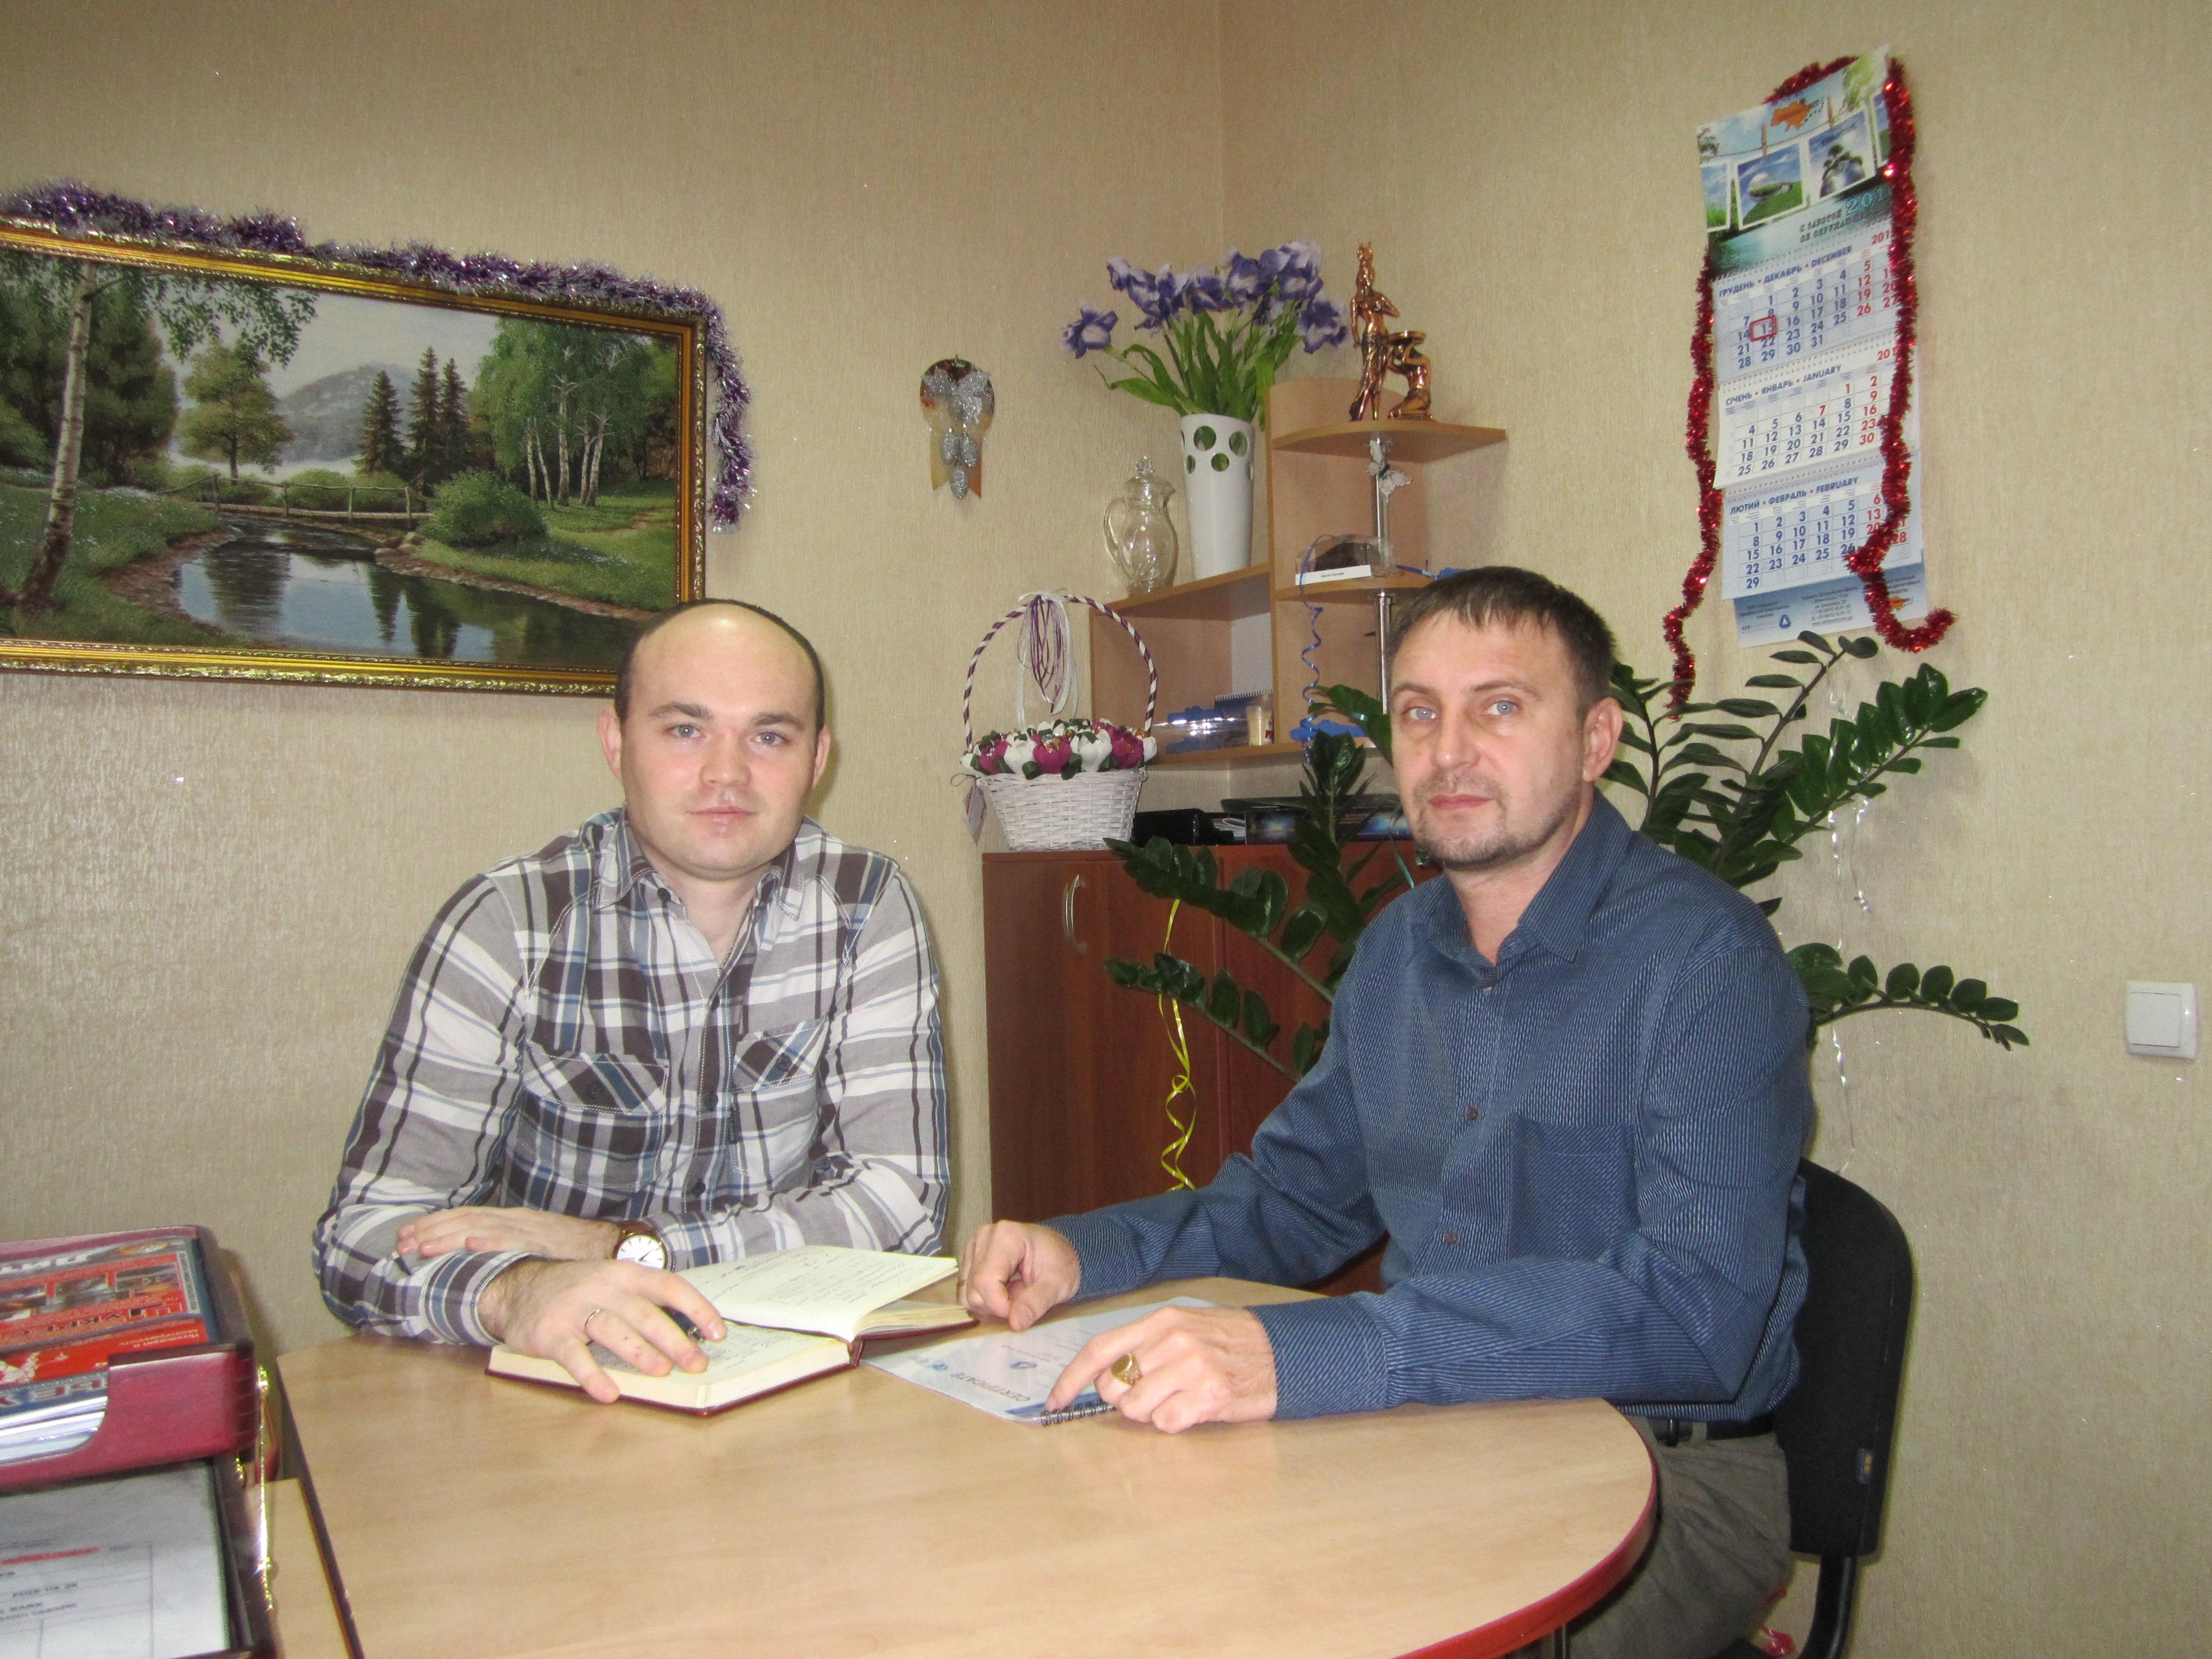 Технический отдел компании Укрфаворит празднует свое пятилетие.